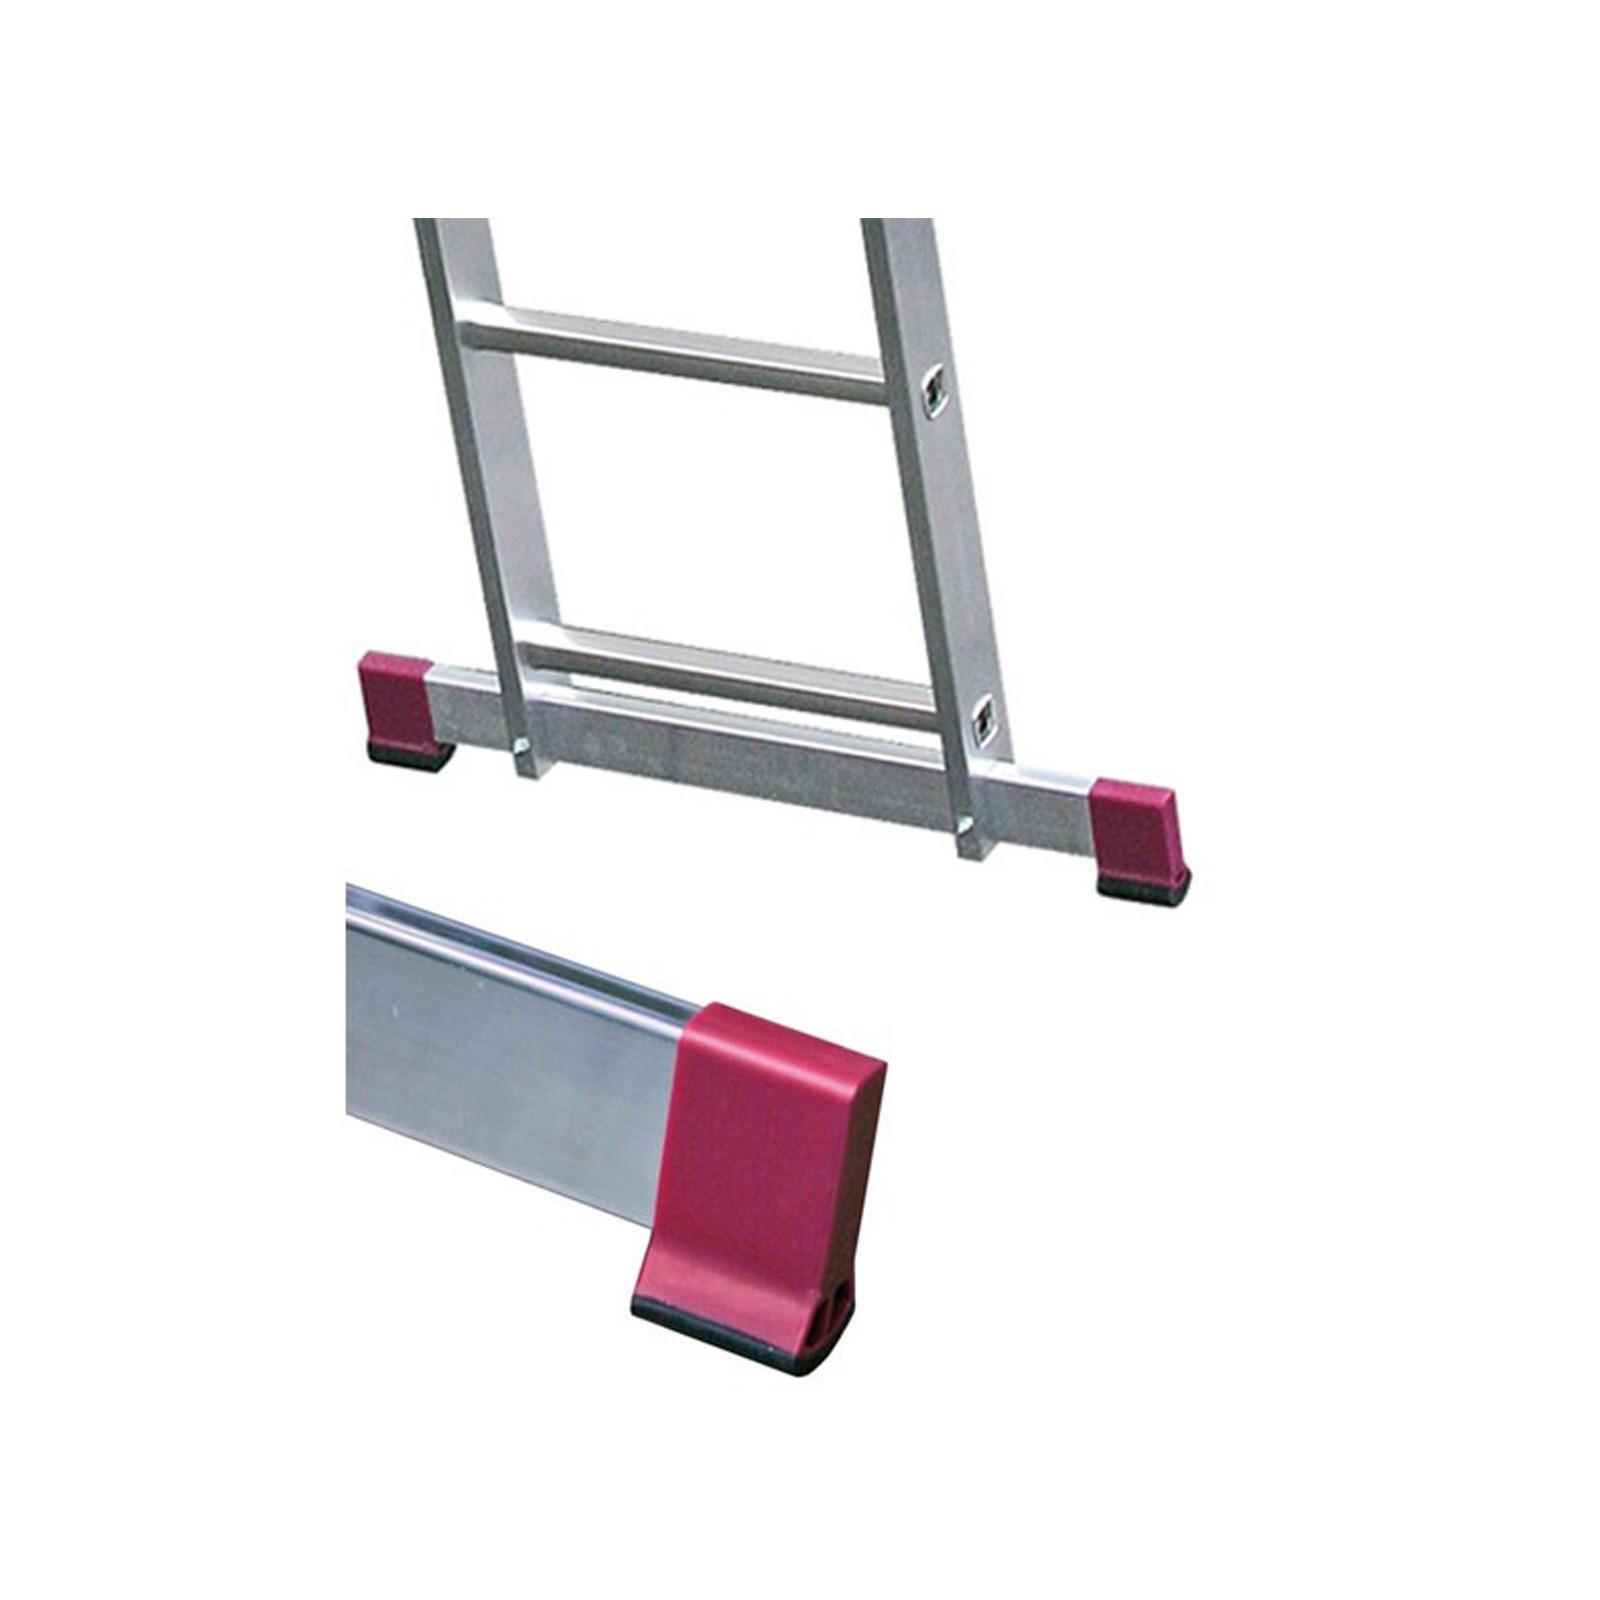 krause corda alu vielzweckleiter sprossenleiter 3x 11 tritte sprossen l 645 cm ebay. Black Bedroom Furniture Sets. Home Design Ideas